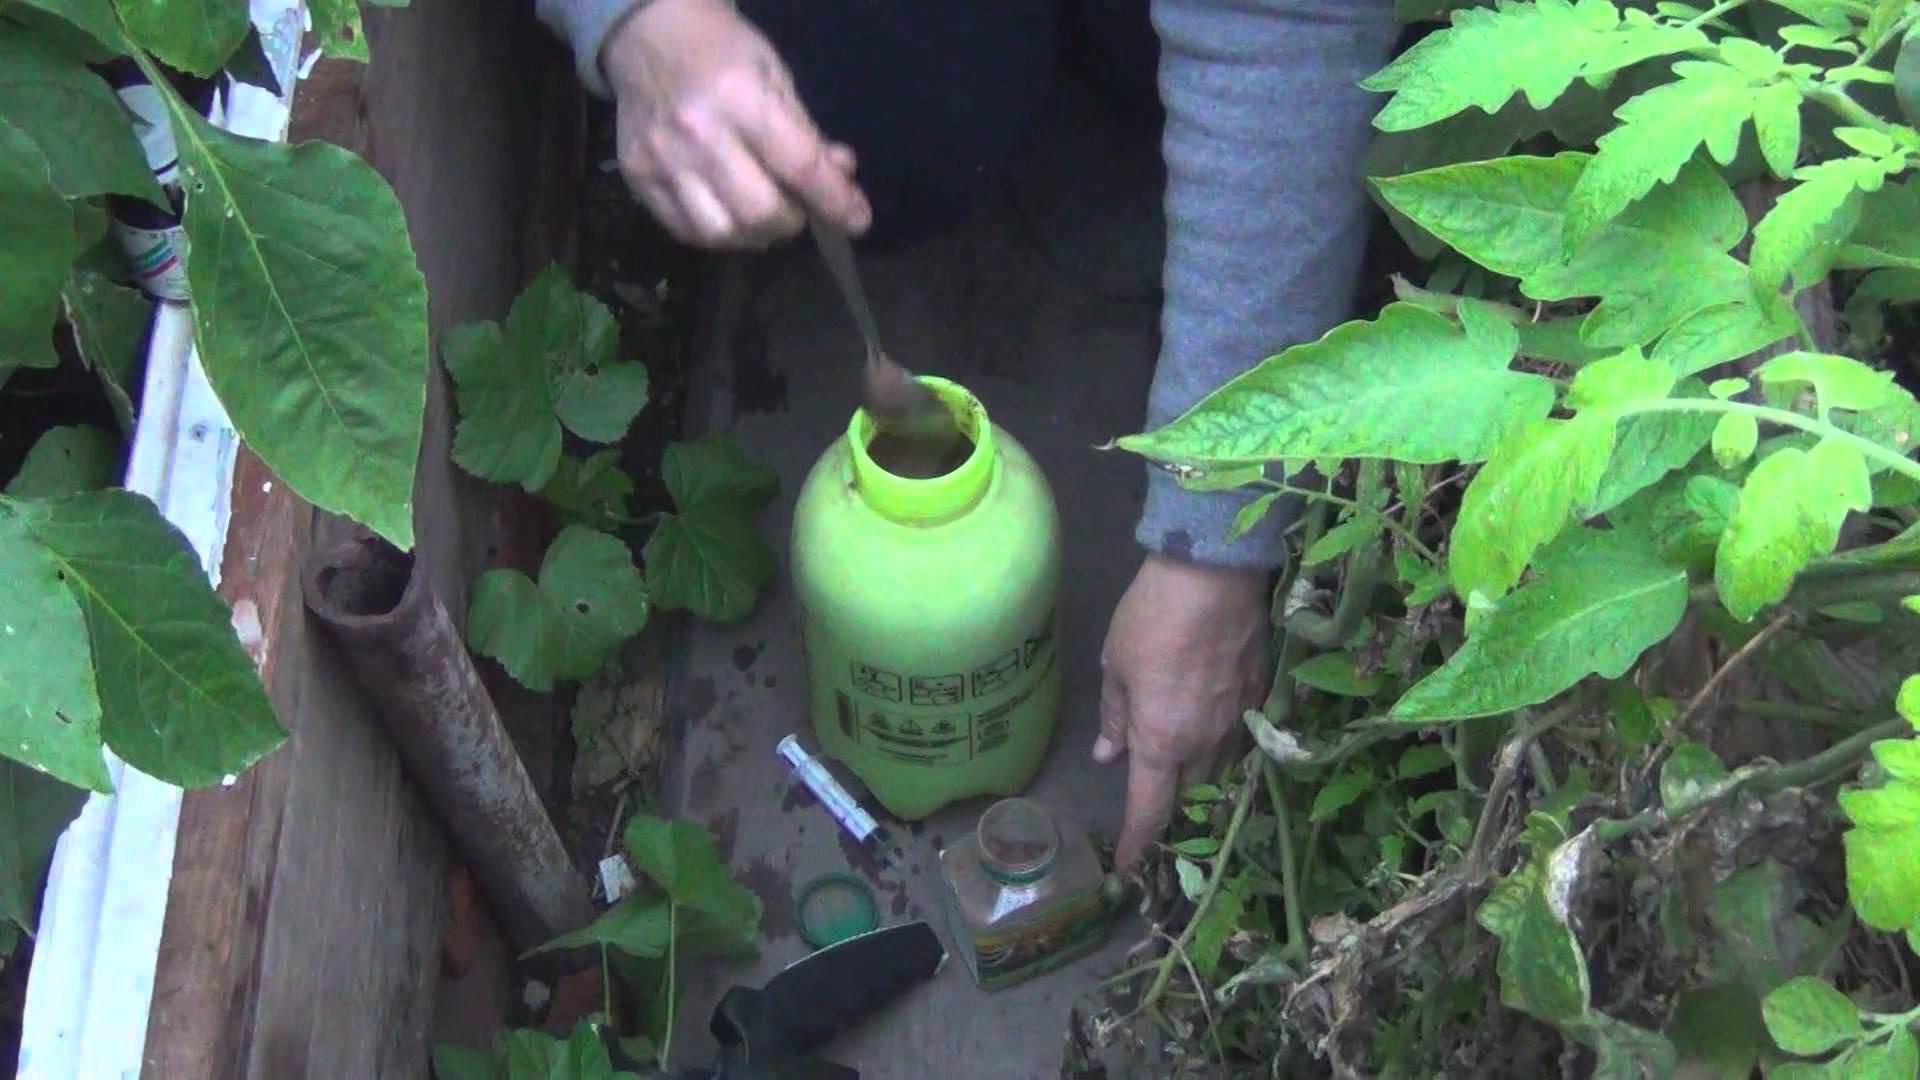 Химические вещества можно использовать, если угрозы попадания на завязь растений не существует